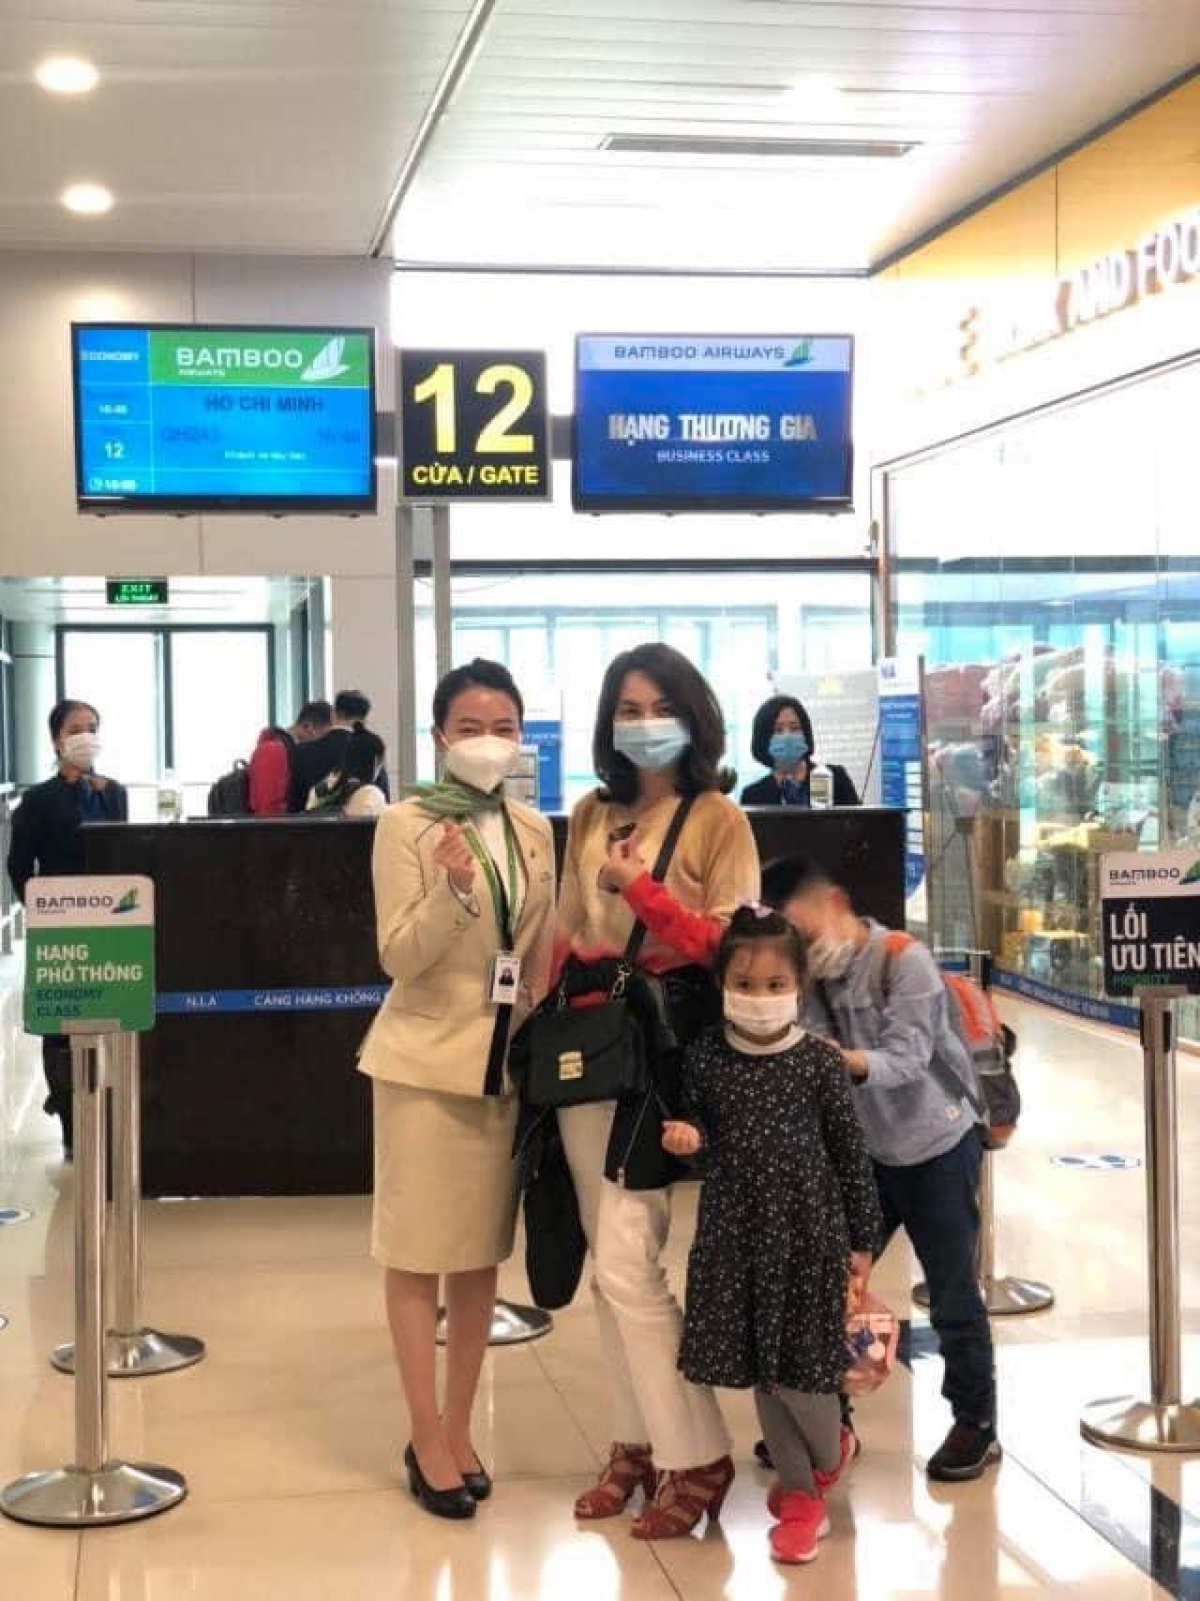 Ba mẹ con vui vẻ chụp ảnh lưu niệm cùng cô tiếp viên hàng không xinh đẹp trước khi lên máy bay về quê đón Tết.